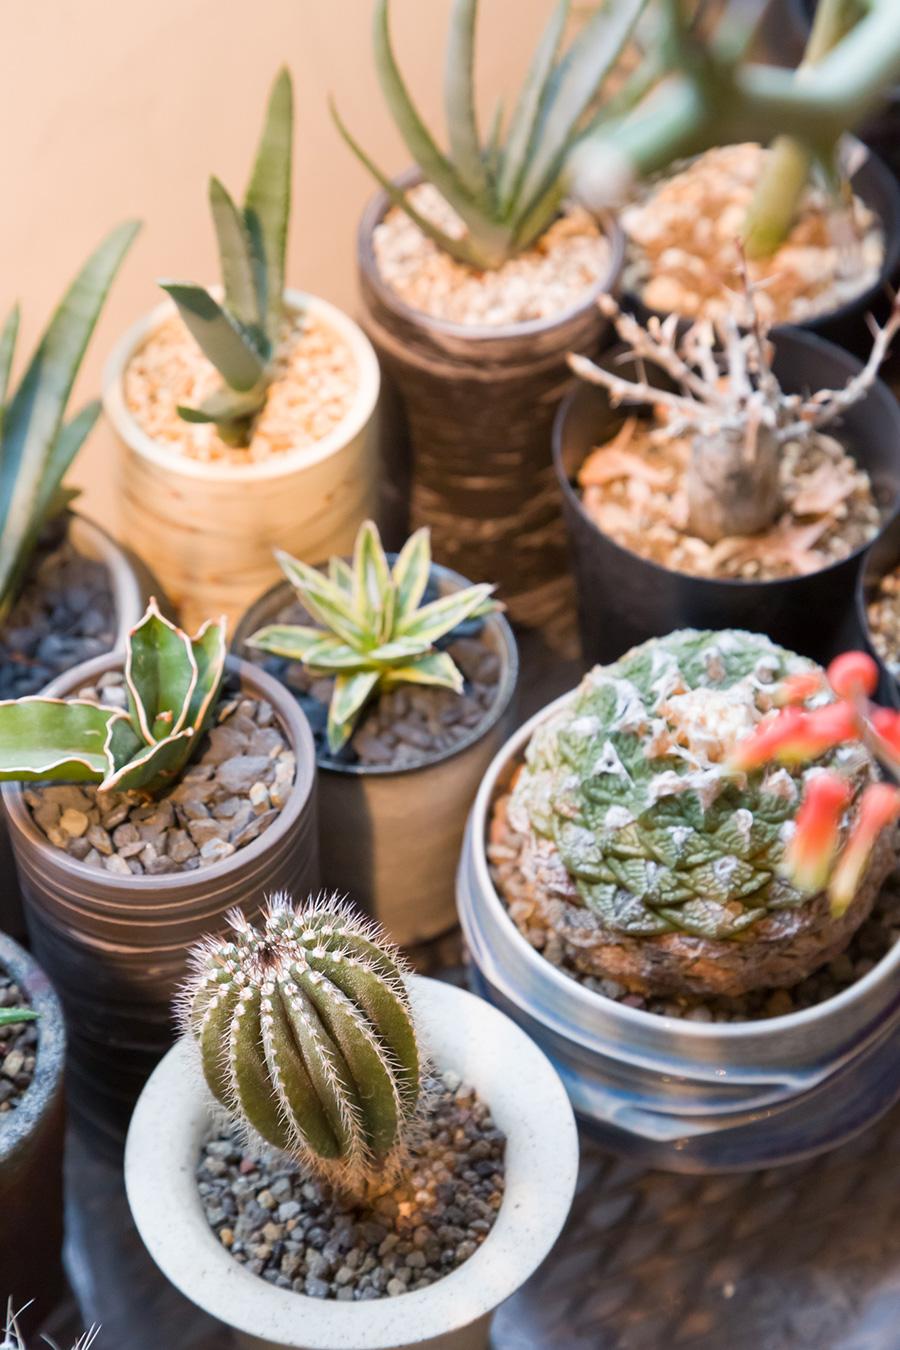 鉢と株の大きさのバランスの見極めが、植物を元気よく育てるポイントにもなる。「調子が悪いという相談を受けて写真を見せてもらうと、株に比べて土が多いという印象の鉢が多いです。あまり大きすぎないジャストサイズの鉢をオススメします」